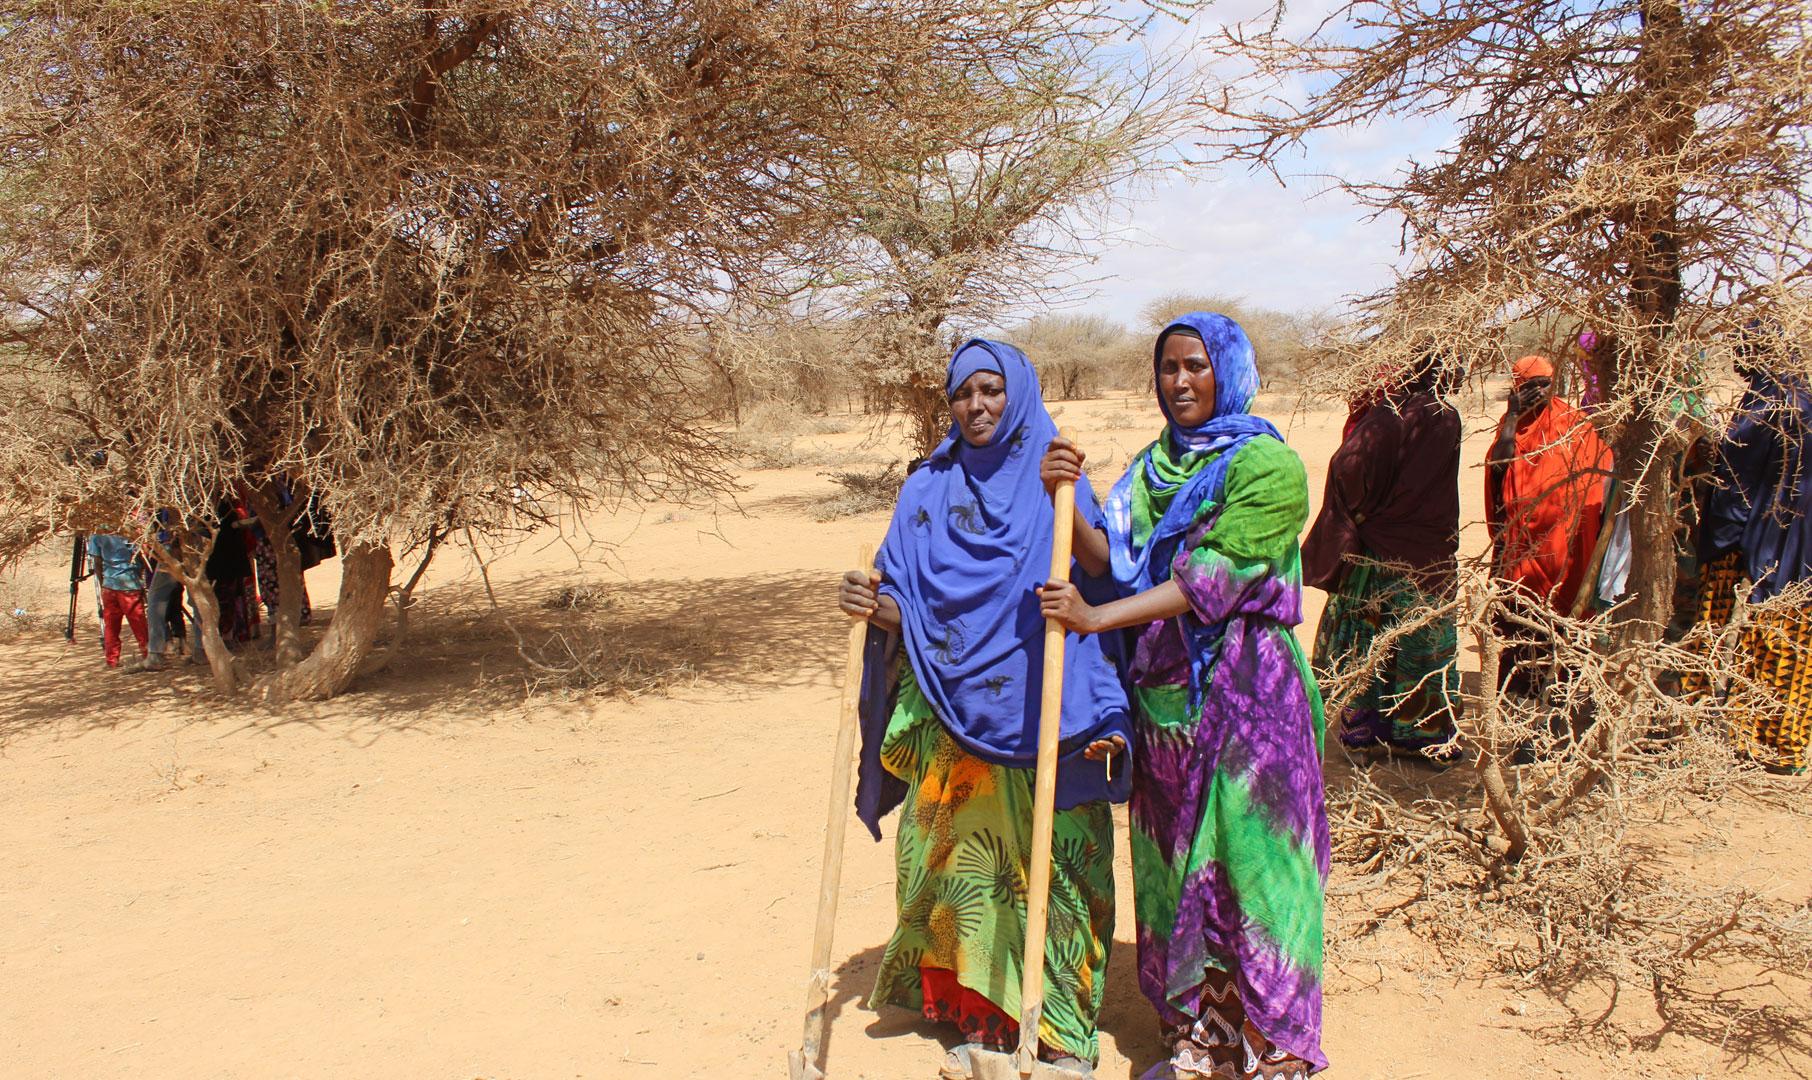 Projektpatenschaft - Werde Pate für Familien in Entwicklungsländern